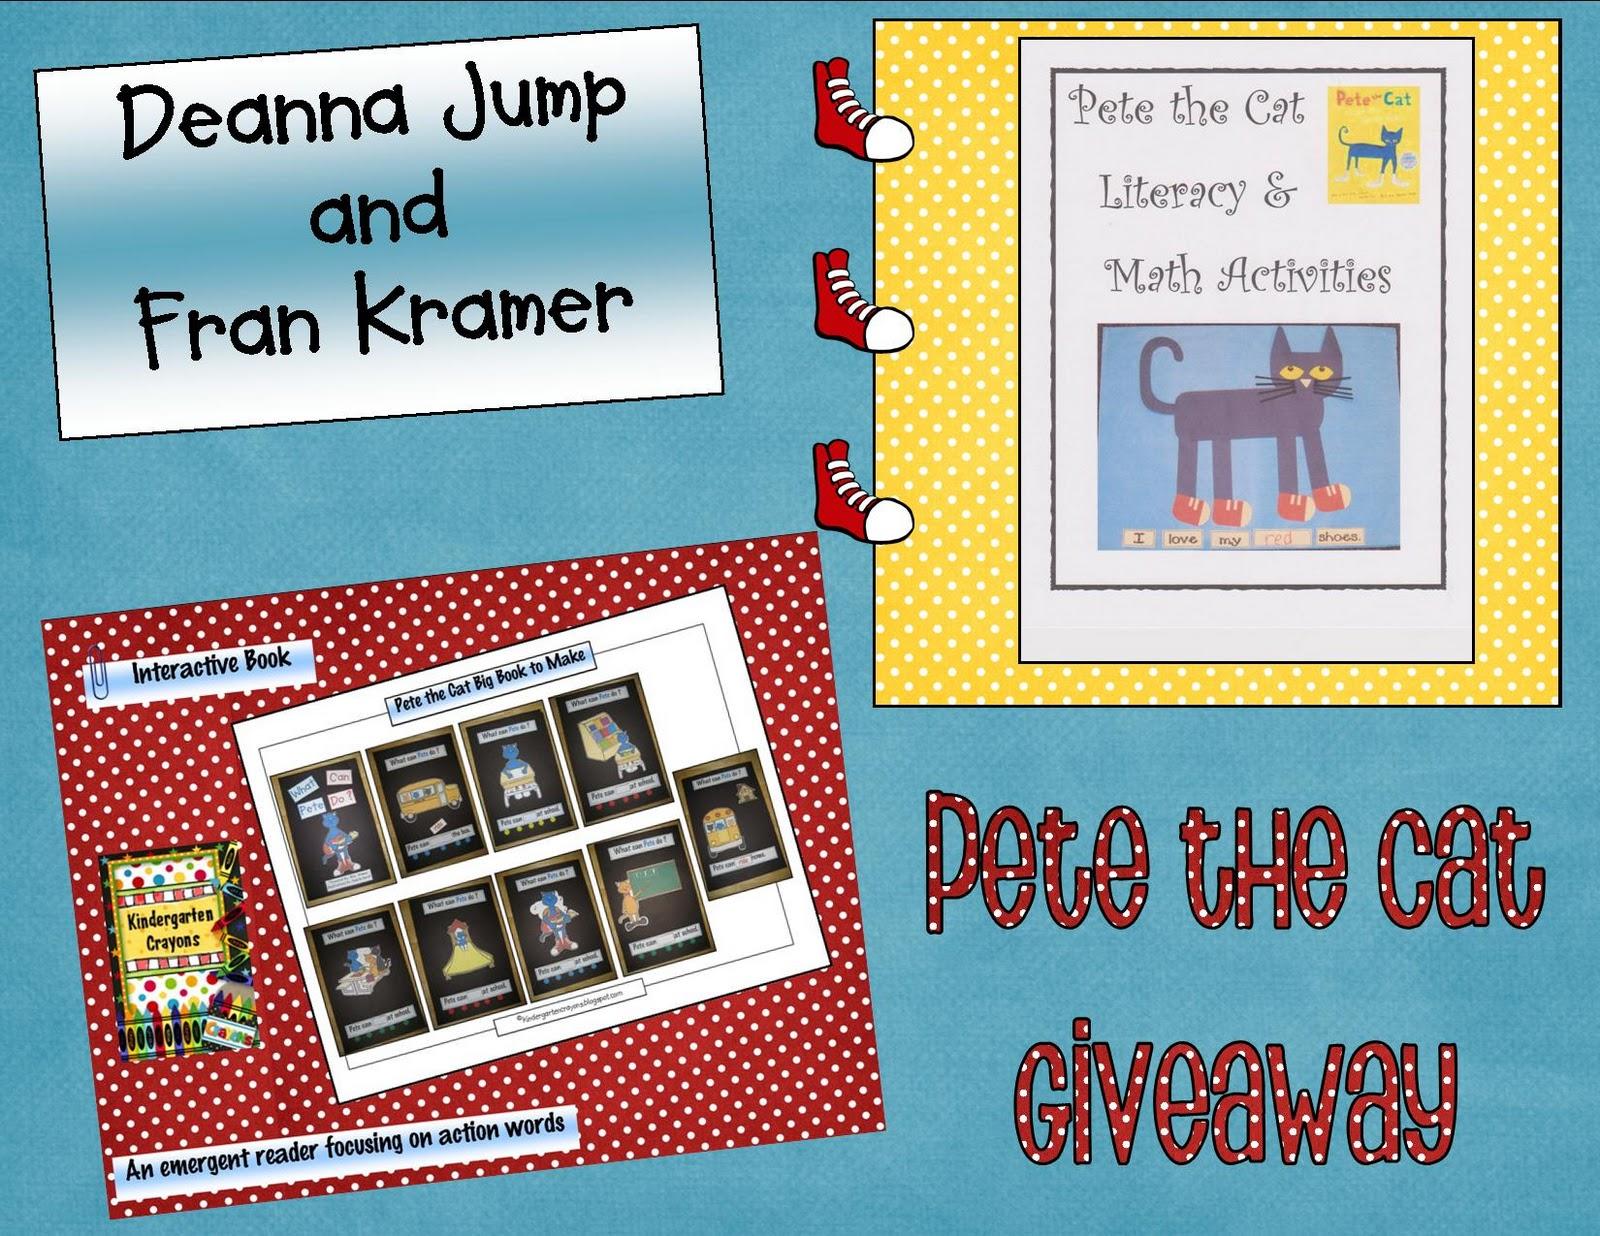 Kindergarten Crayons: Pete the Cat Giveaway is Coming Soon